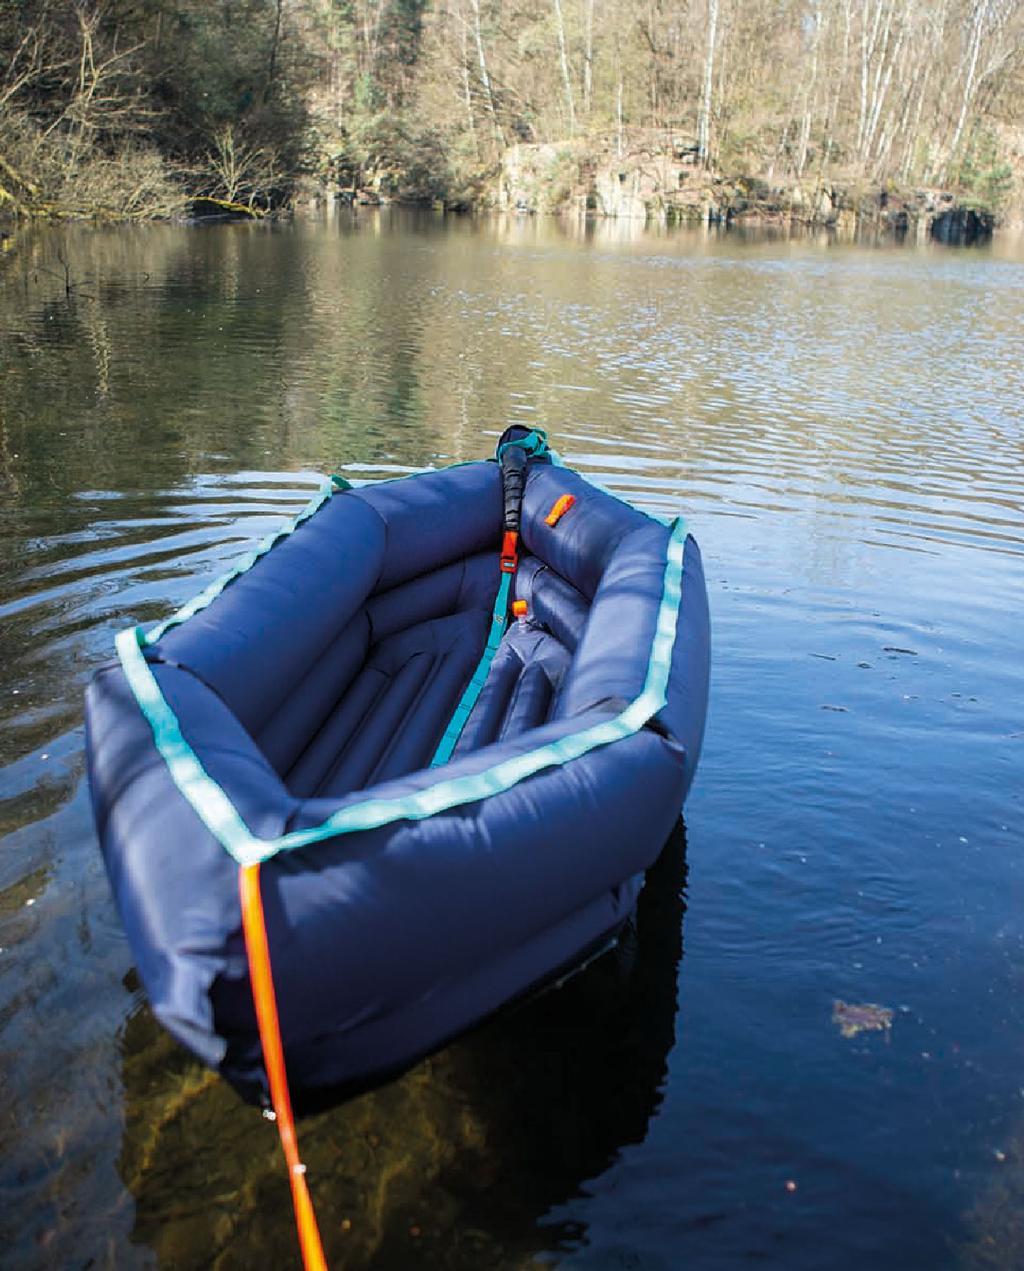 vtwonen blog StudentDesign | design voor buiten | opwerpbare oplaasboot